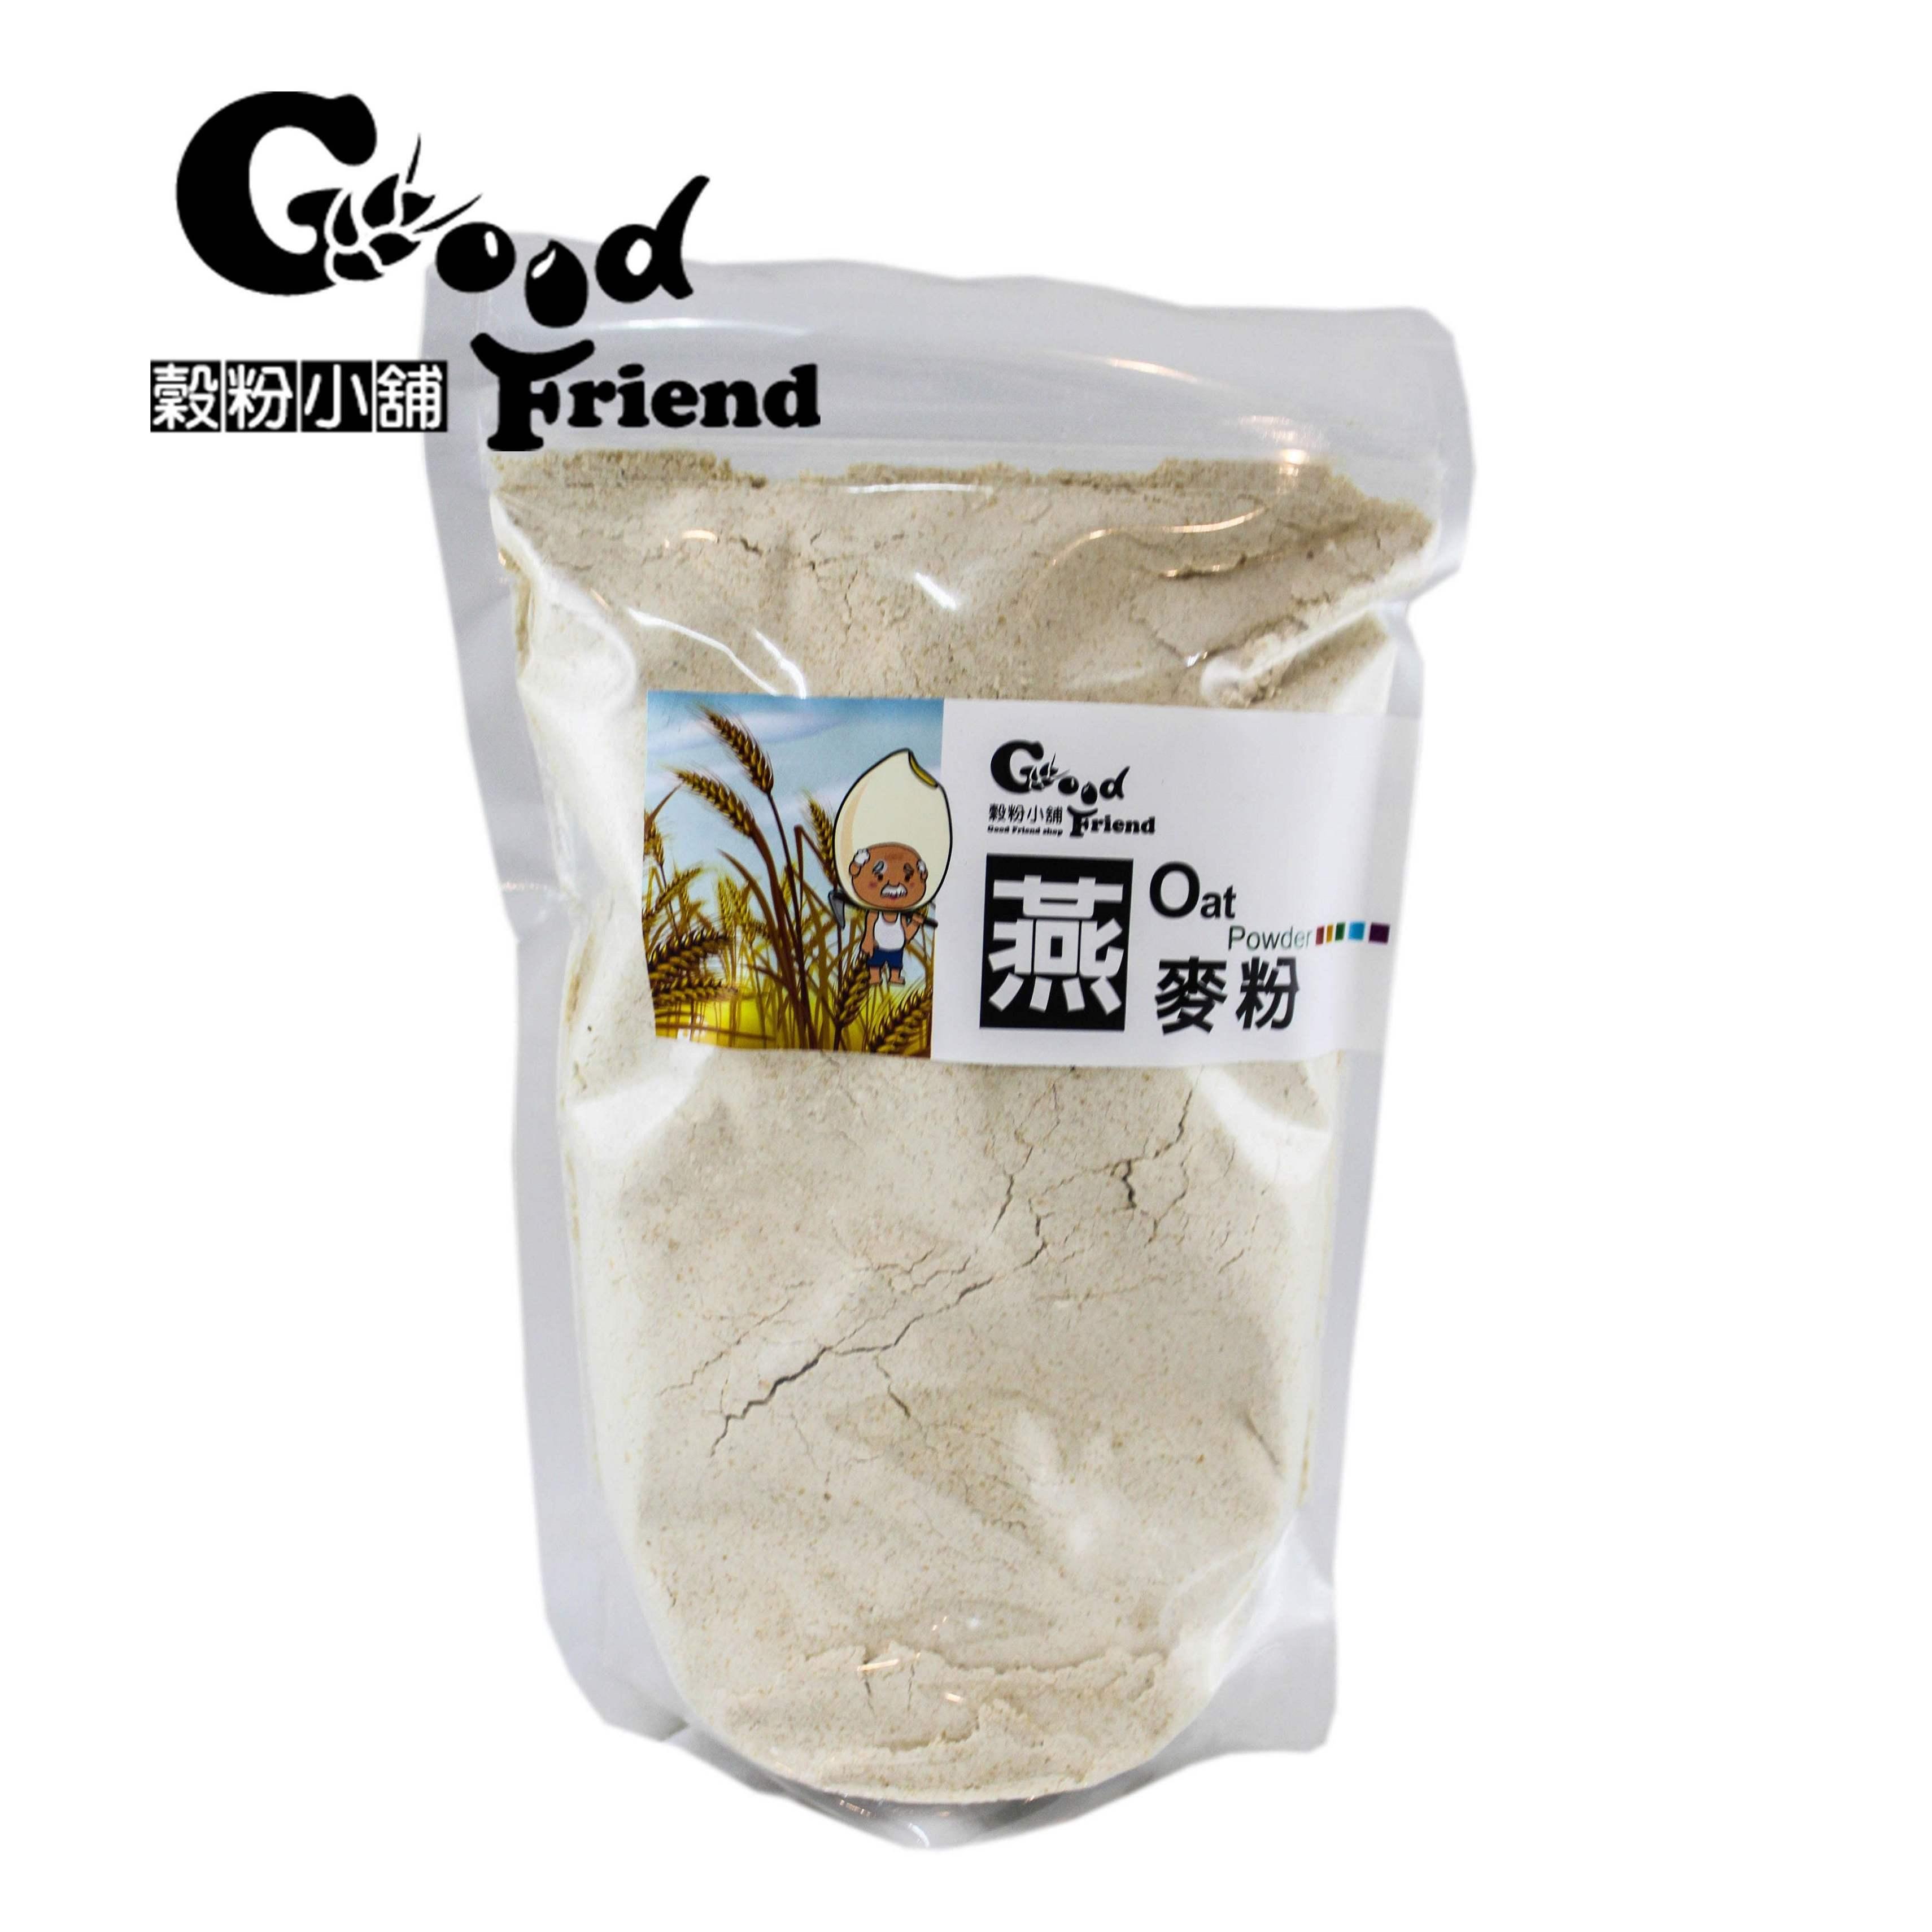 【穀粉小舖 Good Friend Shop】 新鮮 自製 天然 健康 燕麥粉